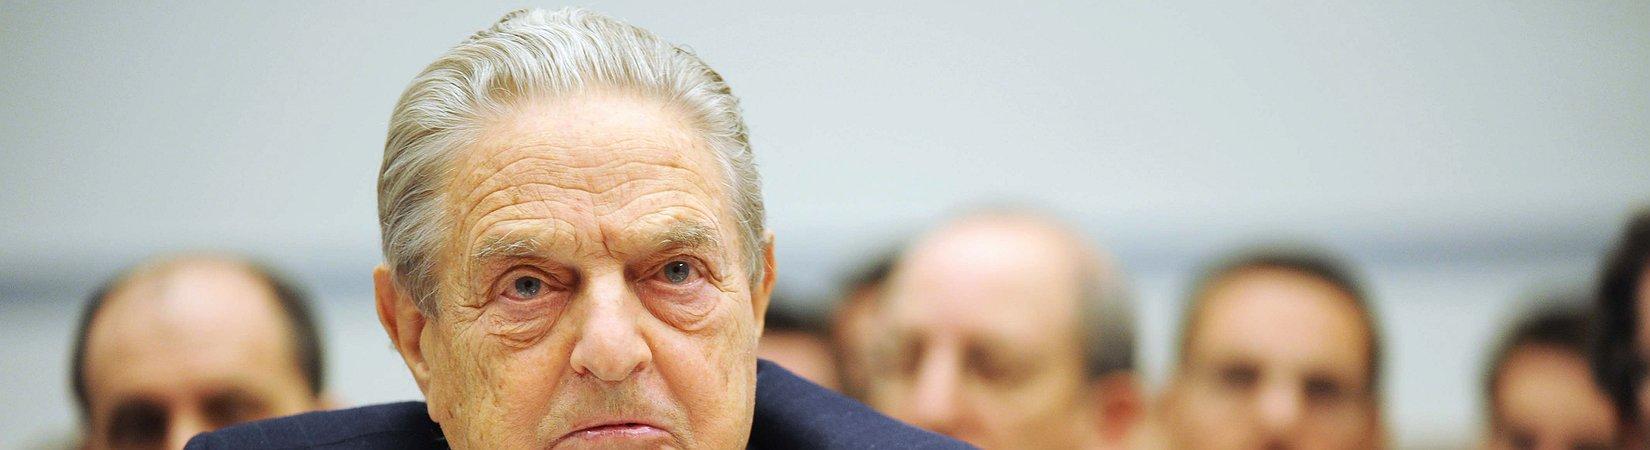 La petizione per riconoscere Soros come terrorista raccoglie più di 71mila firme